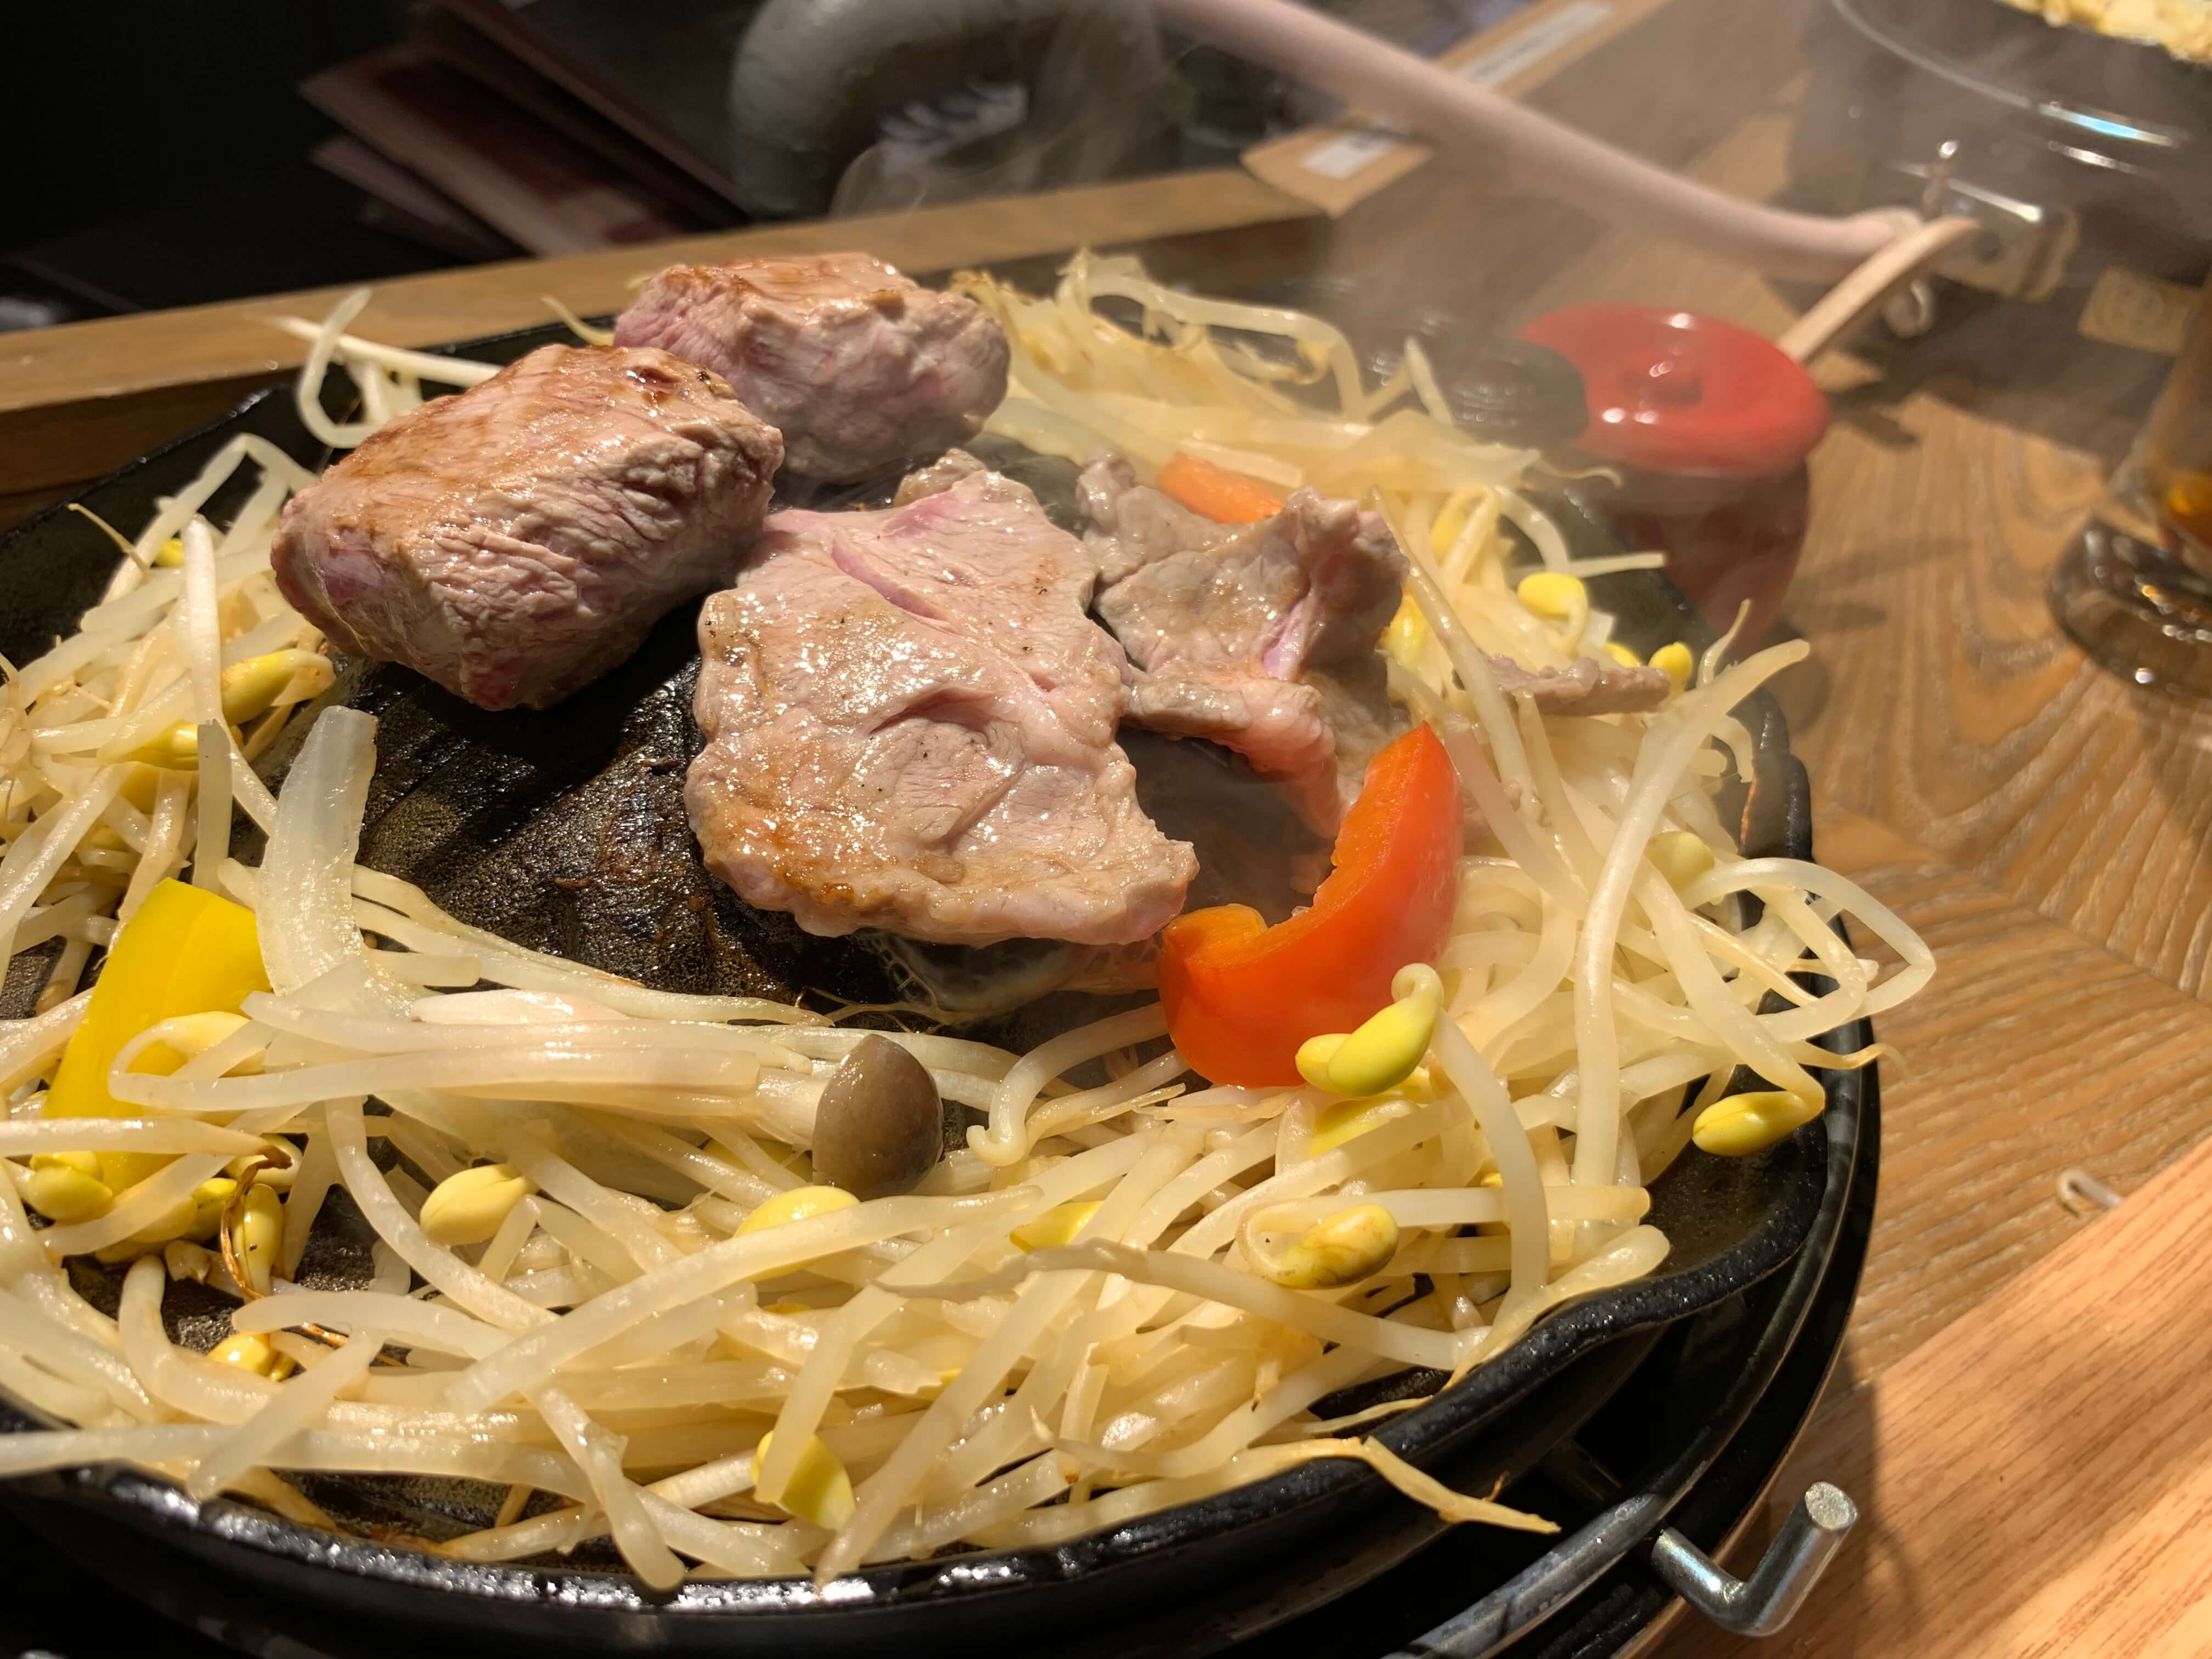 熟成仔羊焼肉 LAMB ONE ラムワン 新宿 Shinjuku